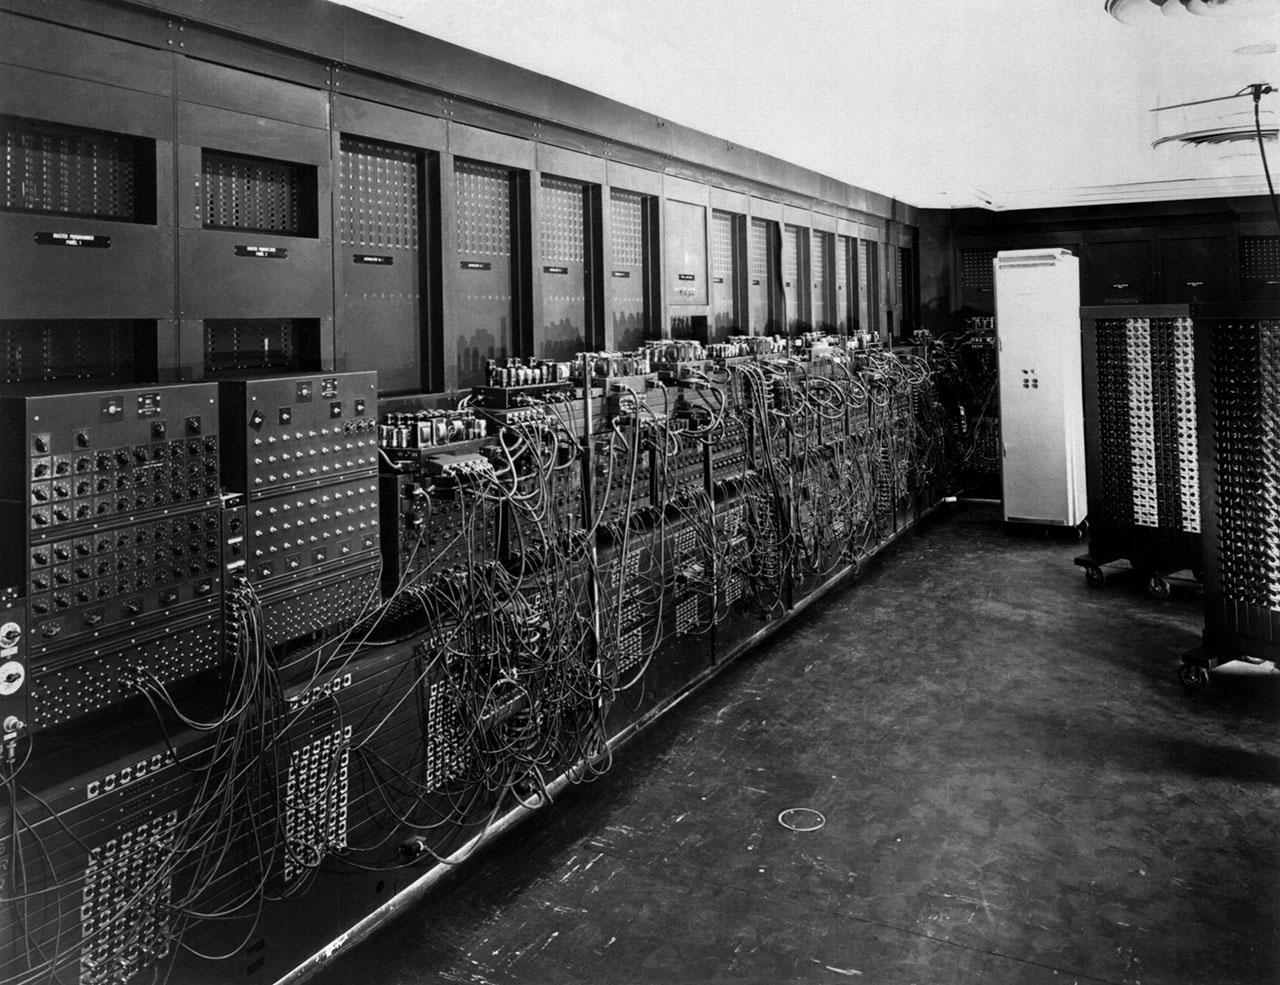 世界初のコンピュータ「エニアック」